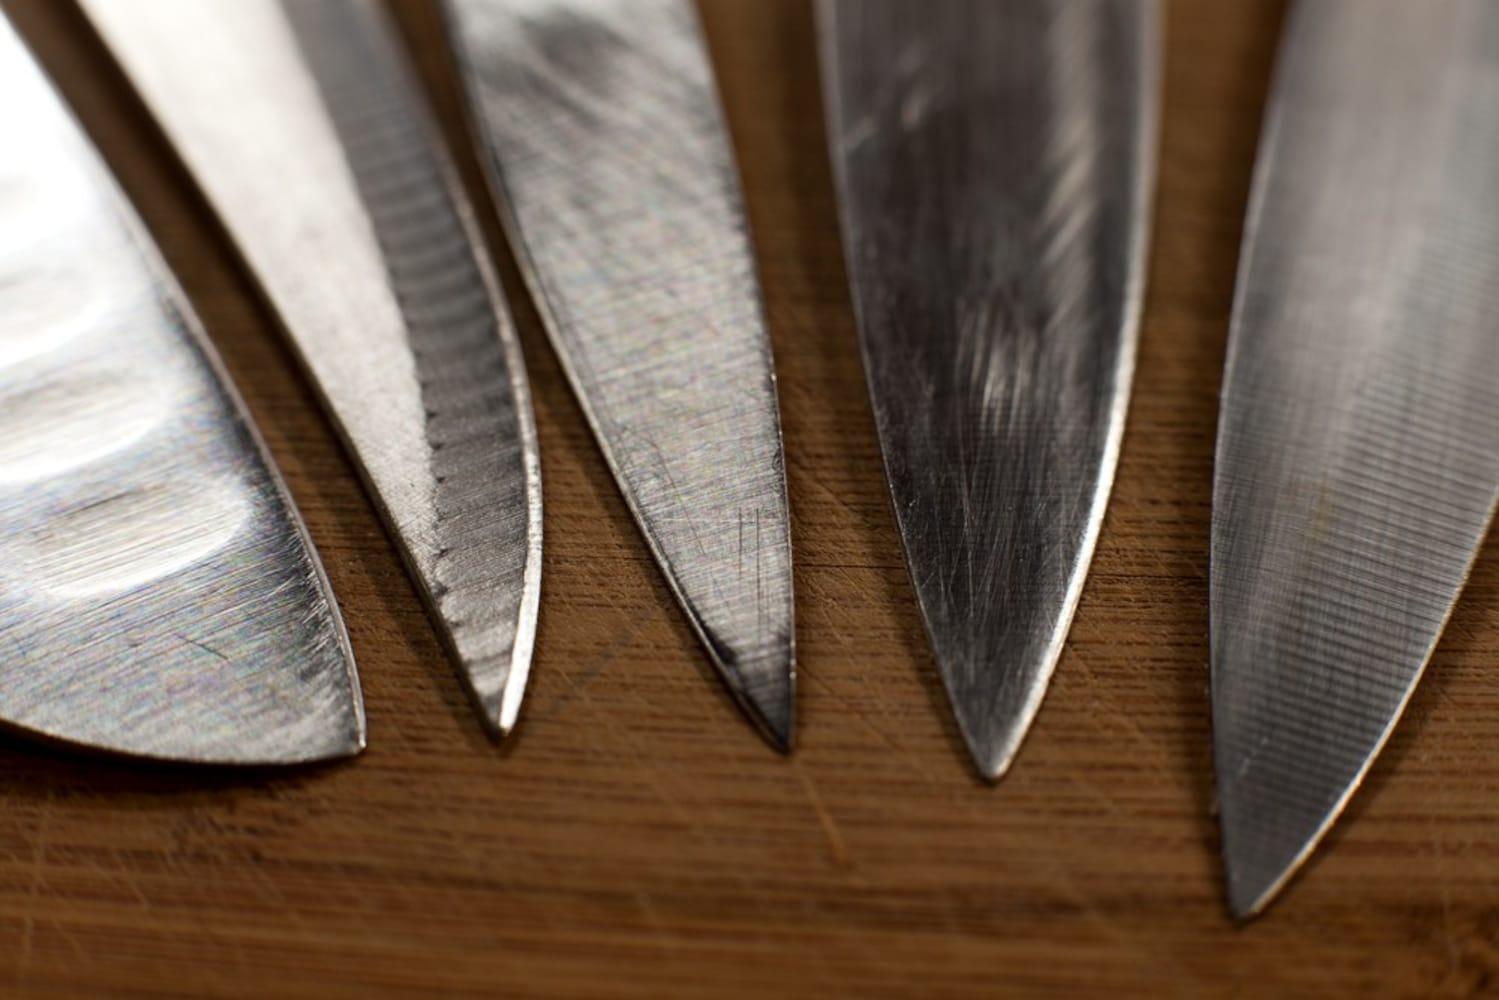 刃の素材|基本的には4種類(ステンレス・セラミック・鋼・チタン)